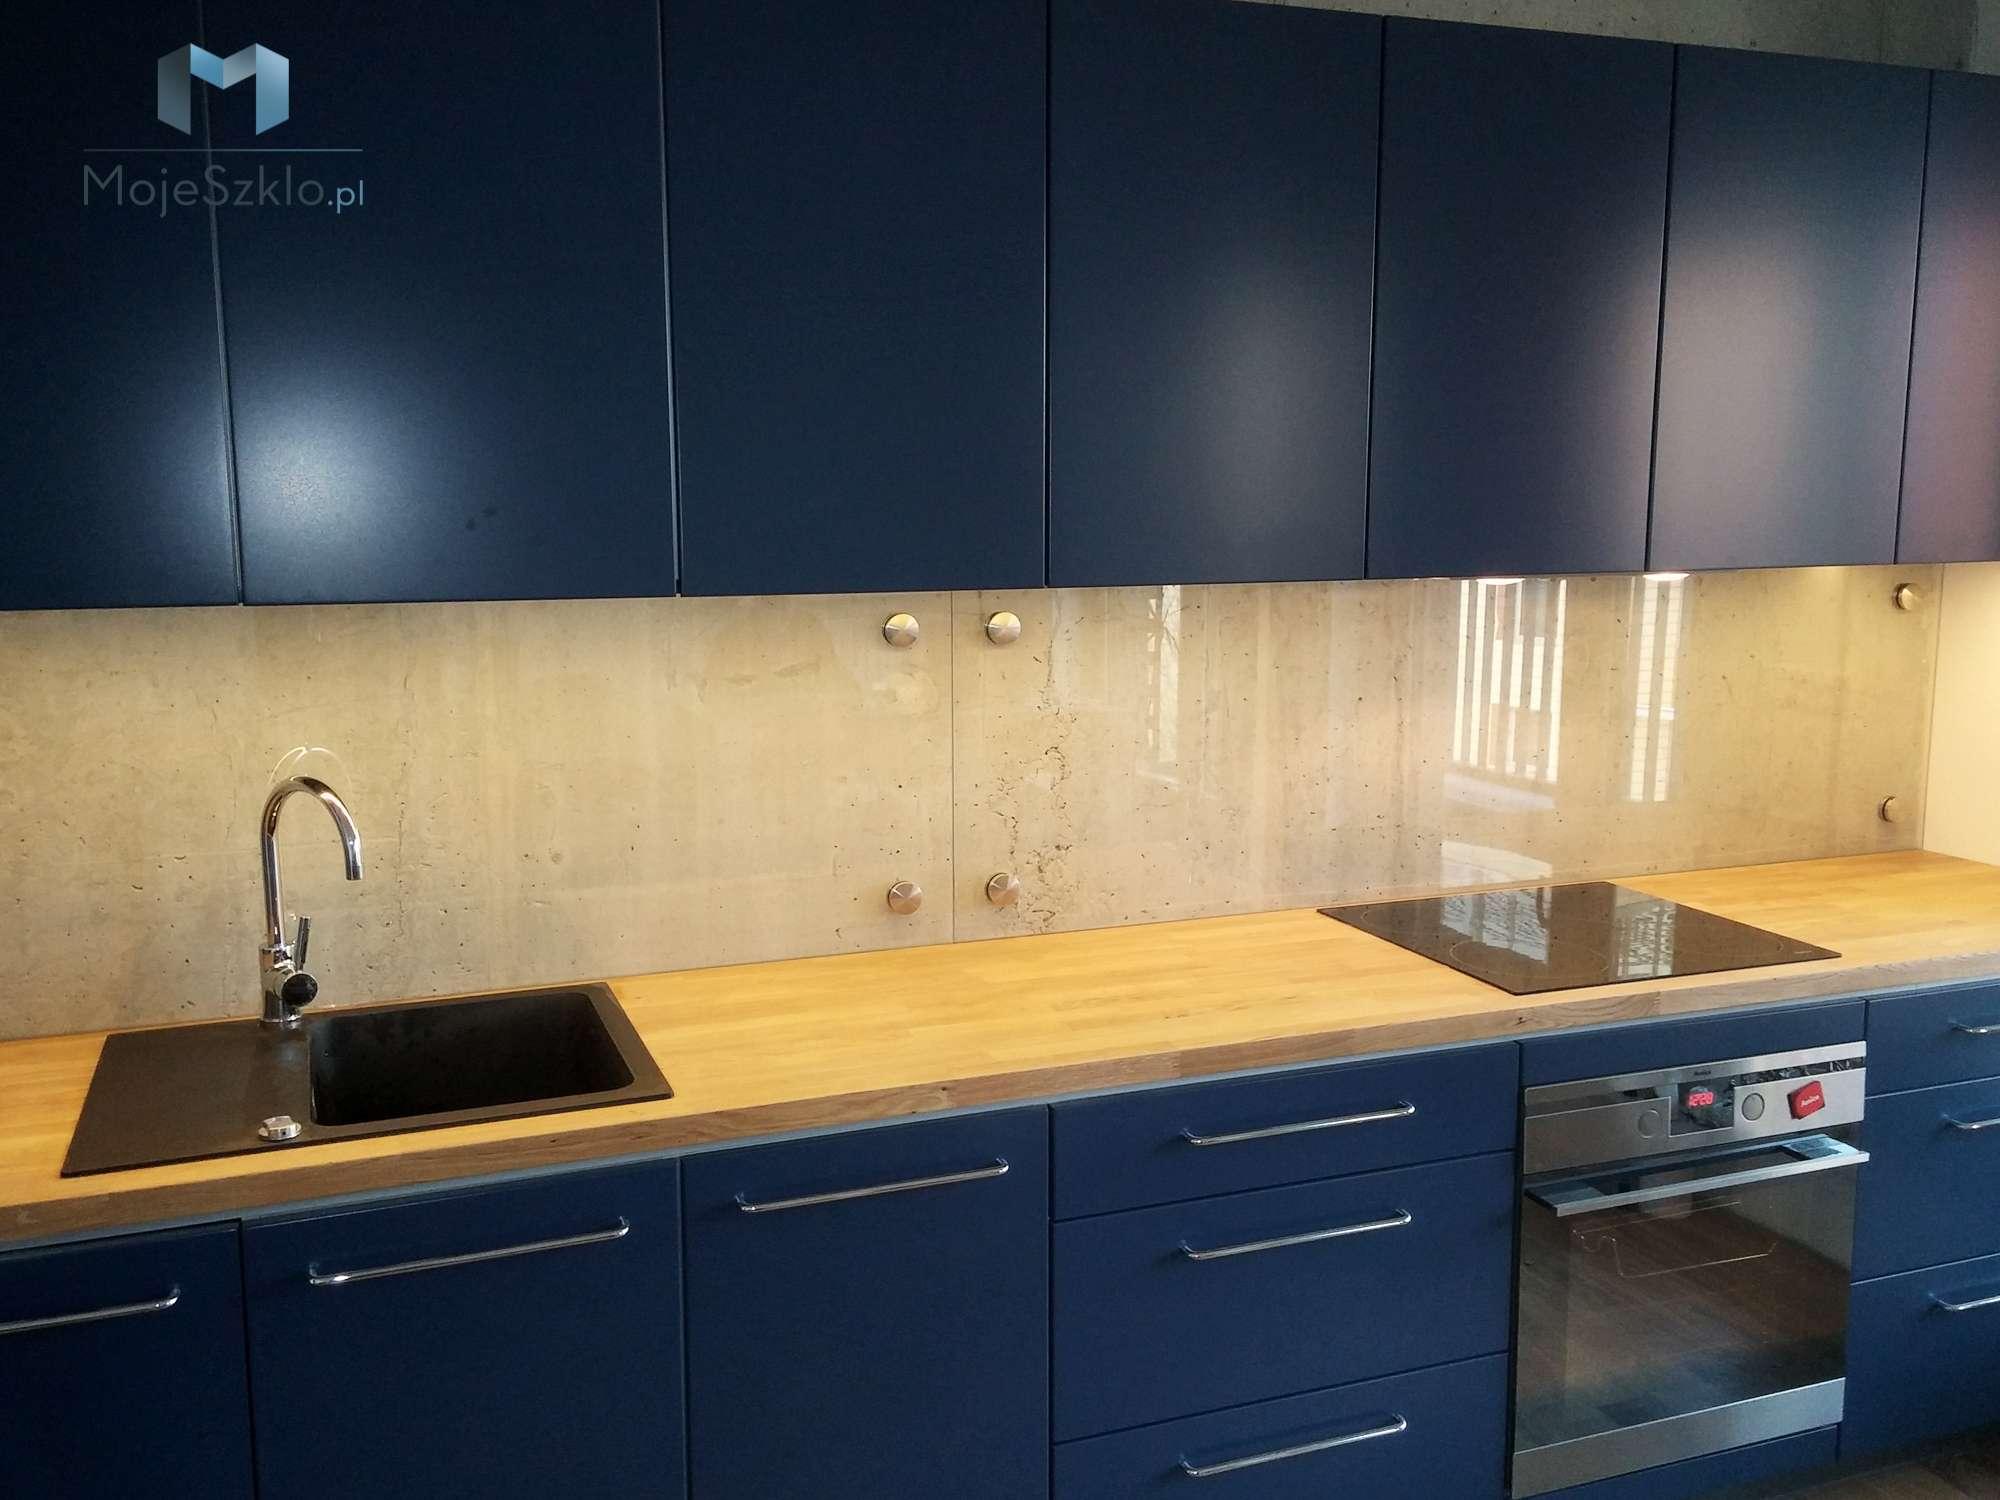 Szkło Na ścianę W Kuchni Panele Szklane Mojeszklopl